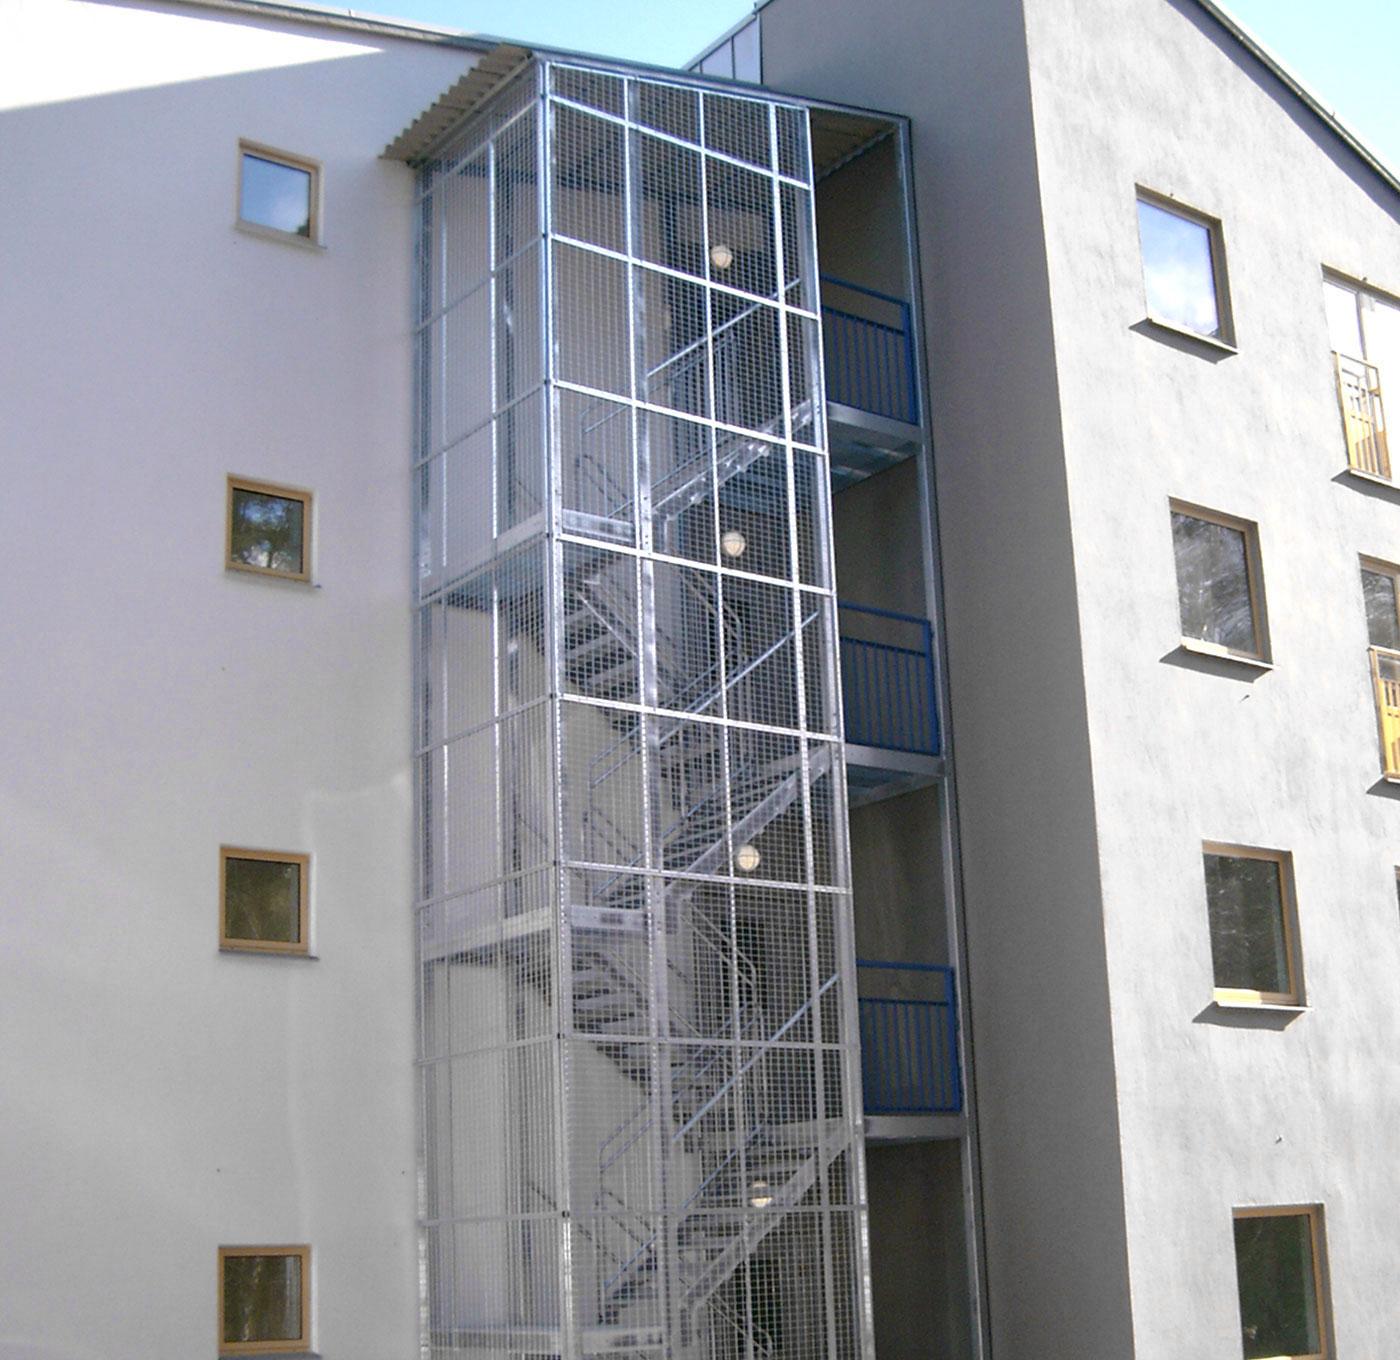 Raktrappa med skyddsbur